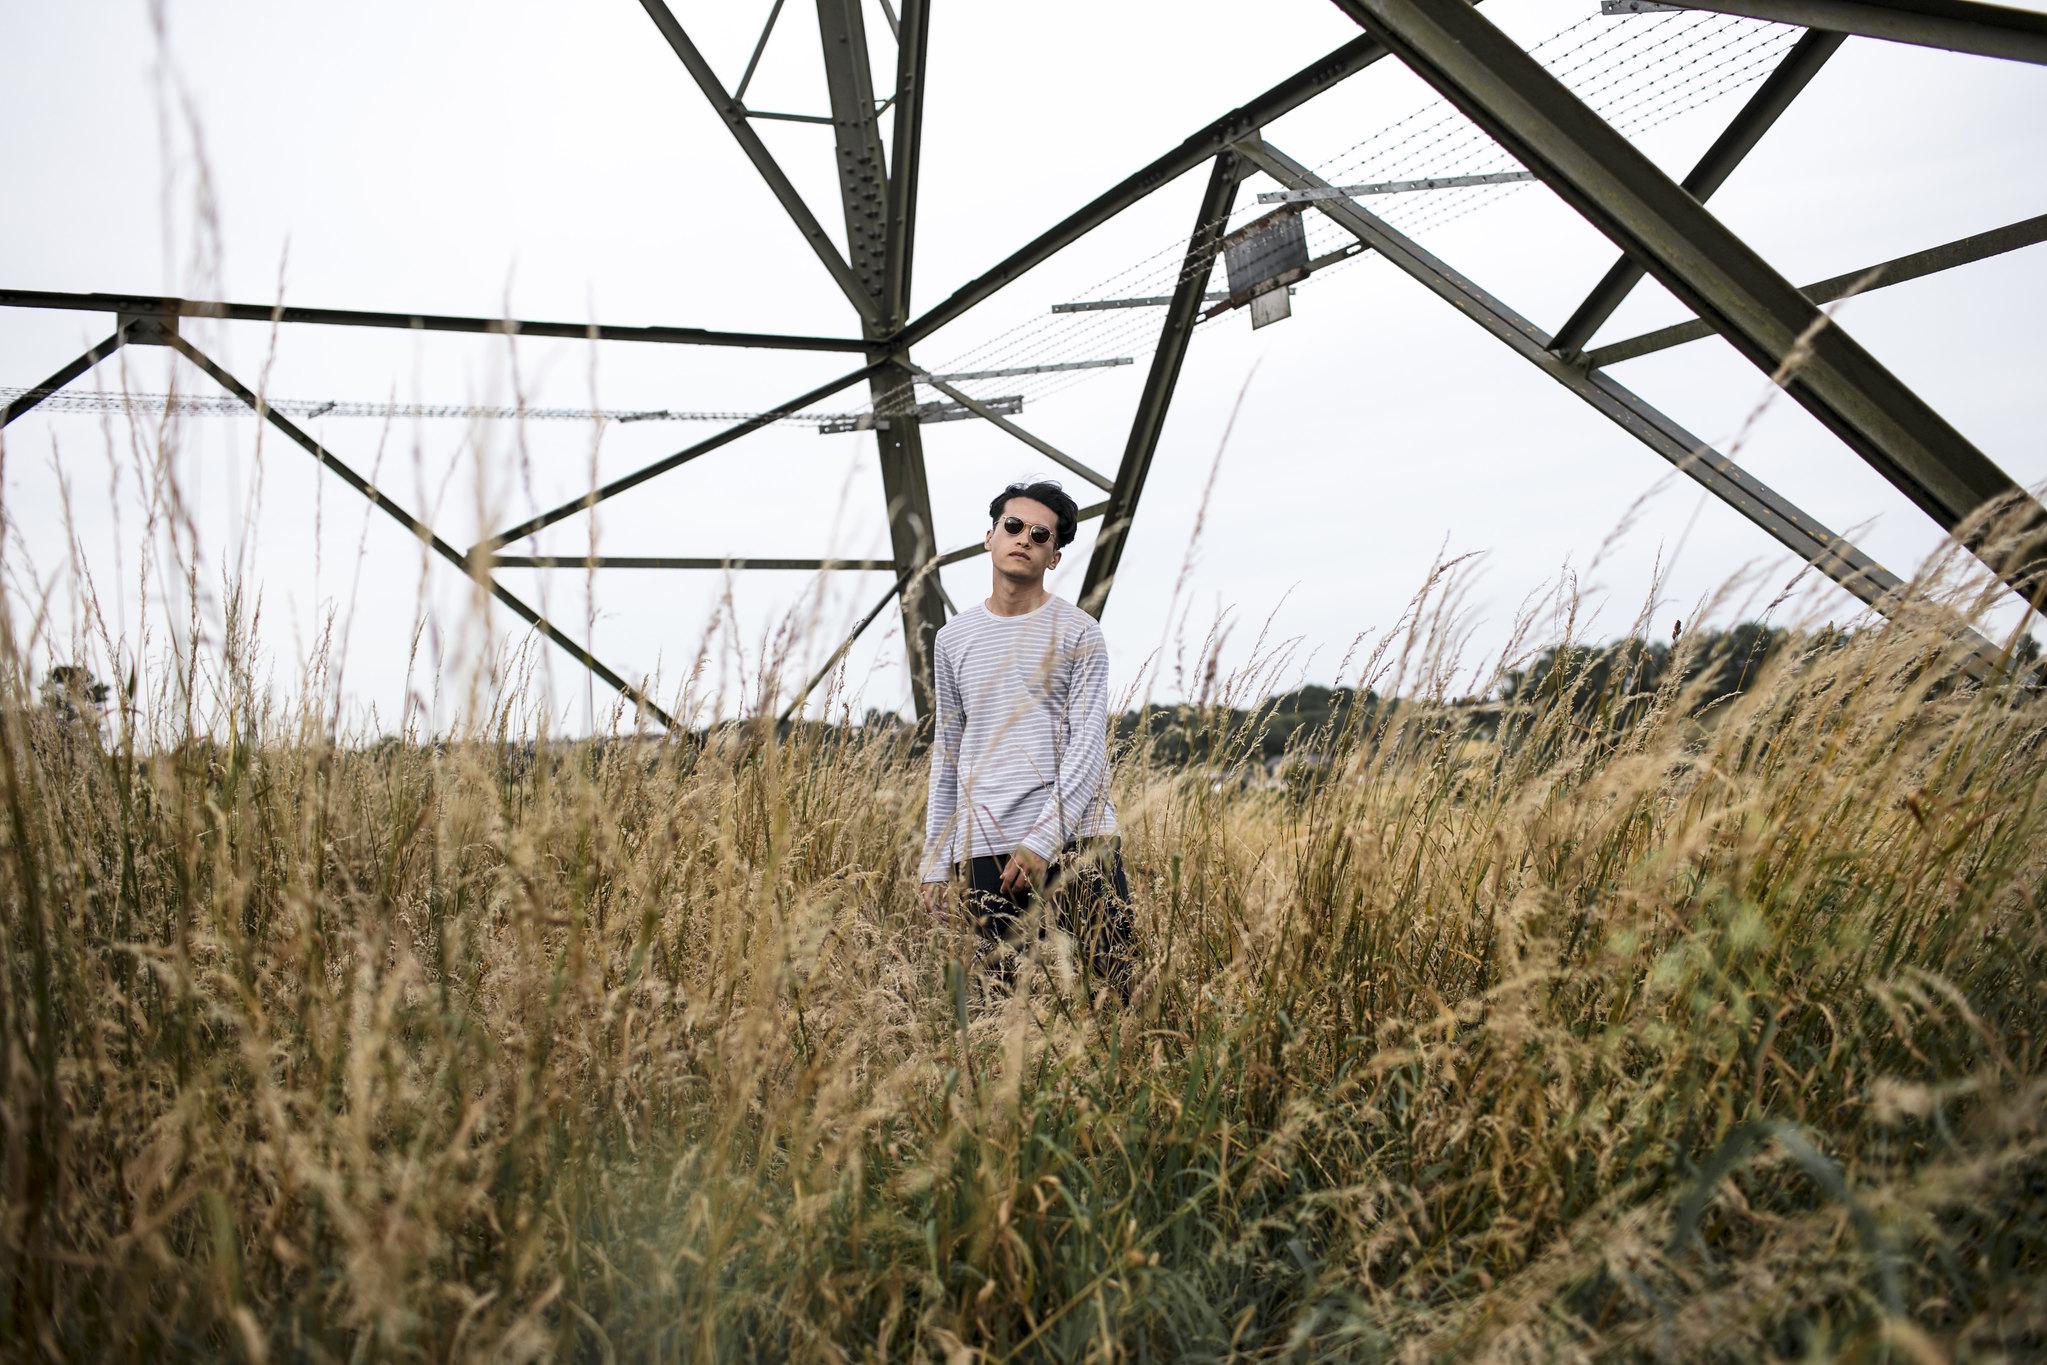 Jordan_Bunker_summer_afternoons_5